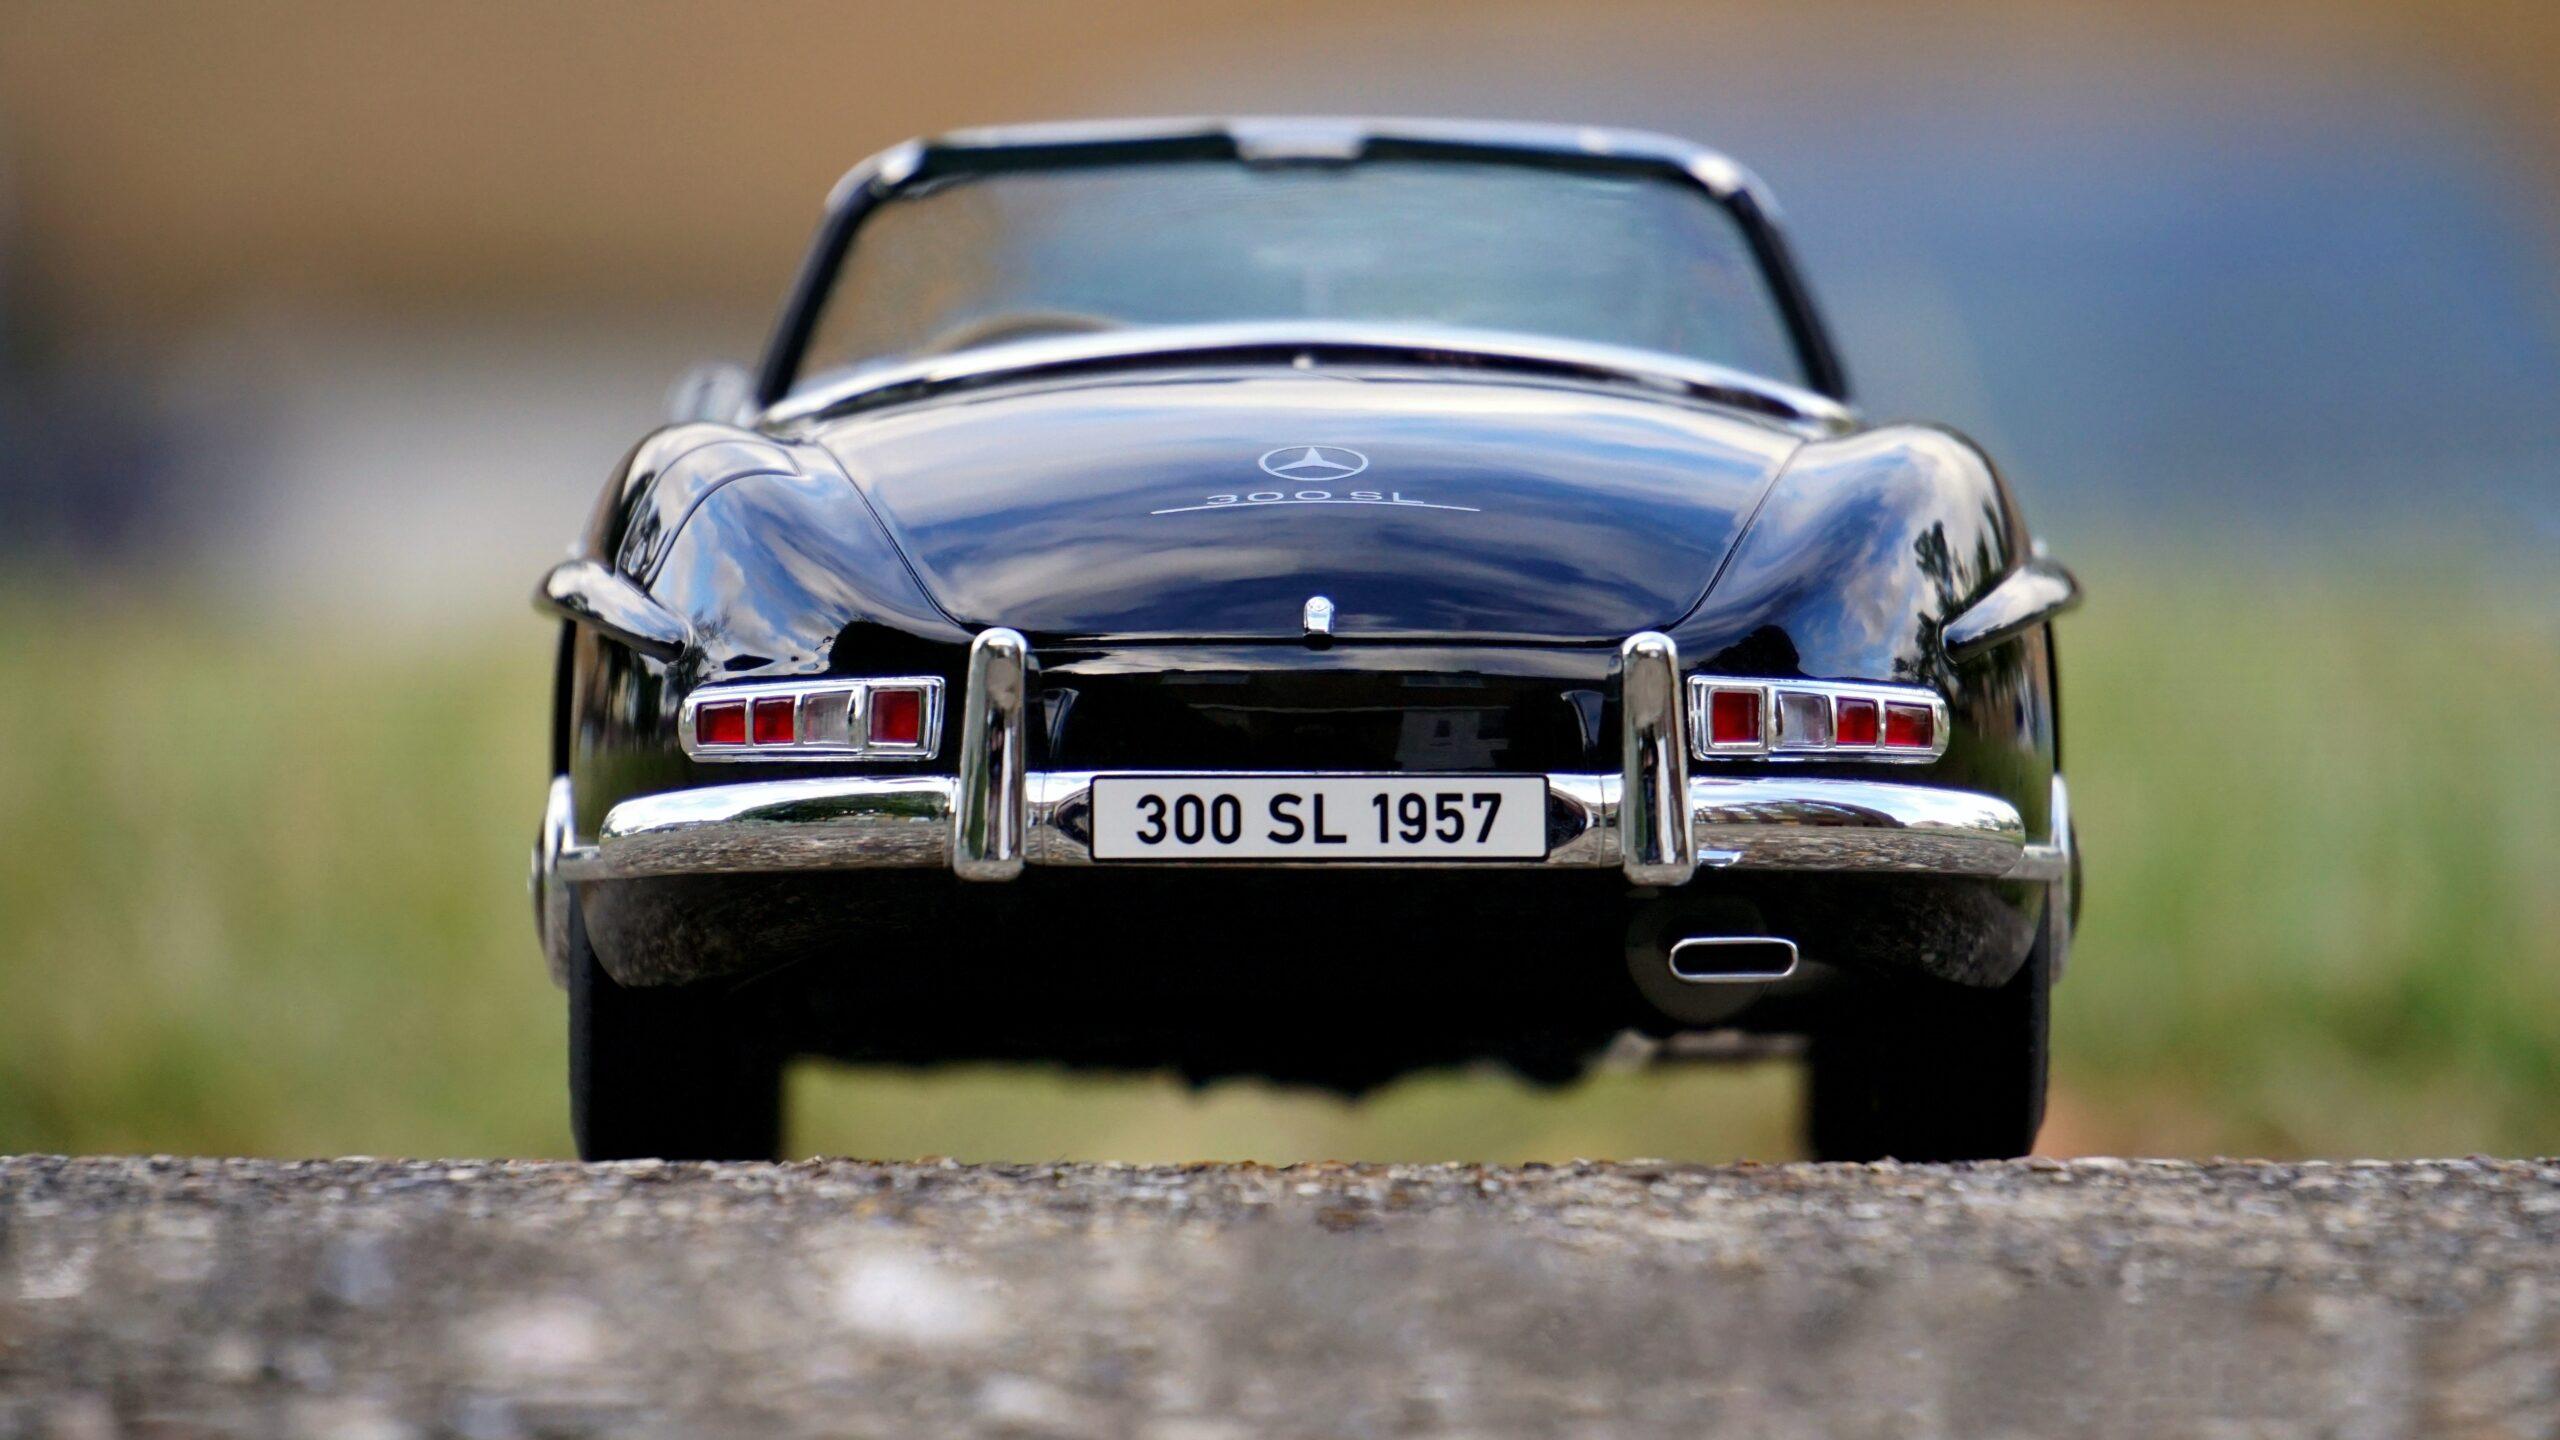 Mercedes 300 SL 1957 model